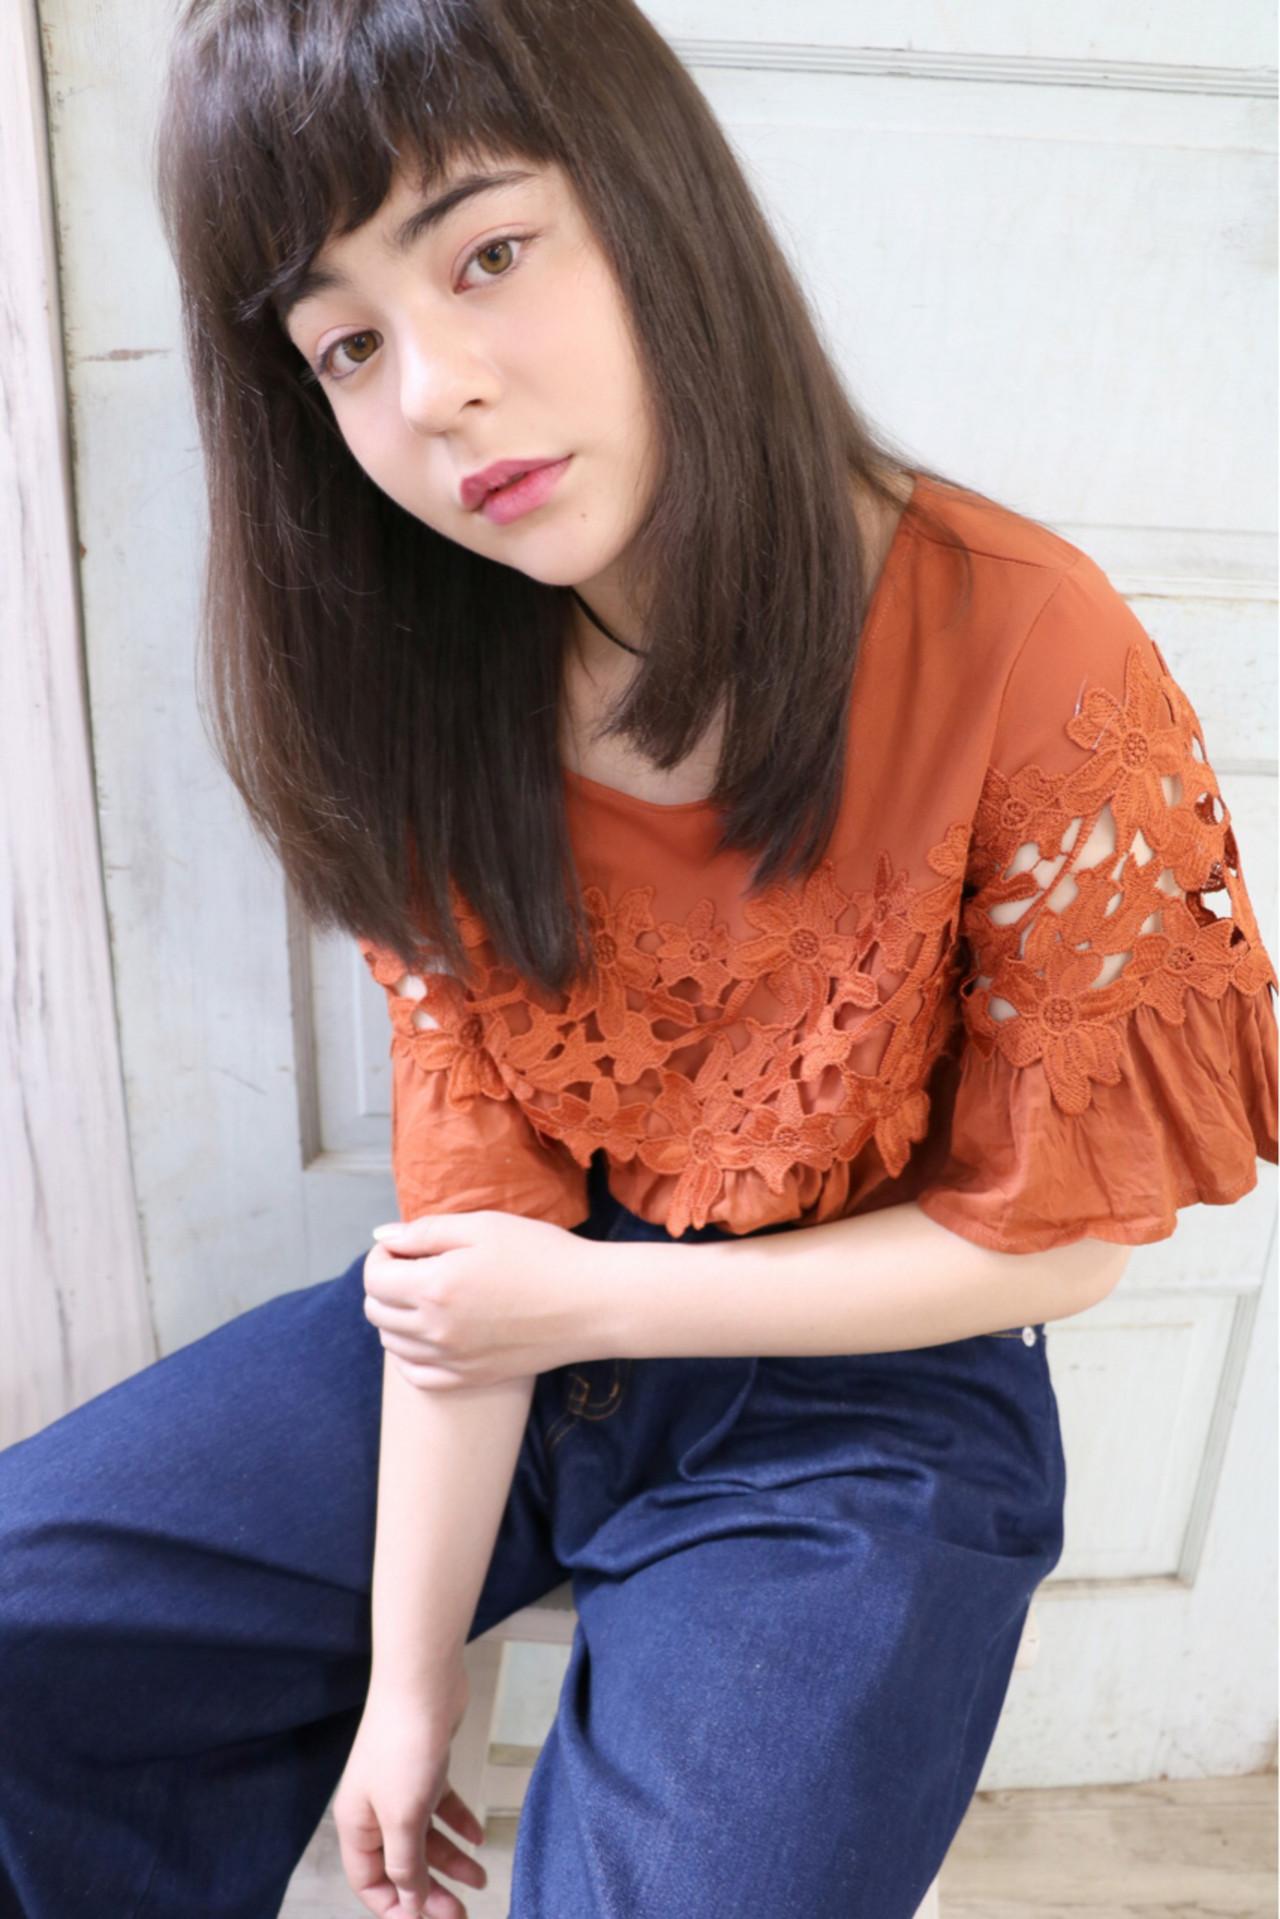 ナチュラル セミロング フェミニン 暗髪 ヘアスタイルや髪型の写真・画像 | 石川フミヤ / Jule